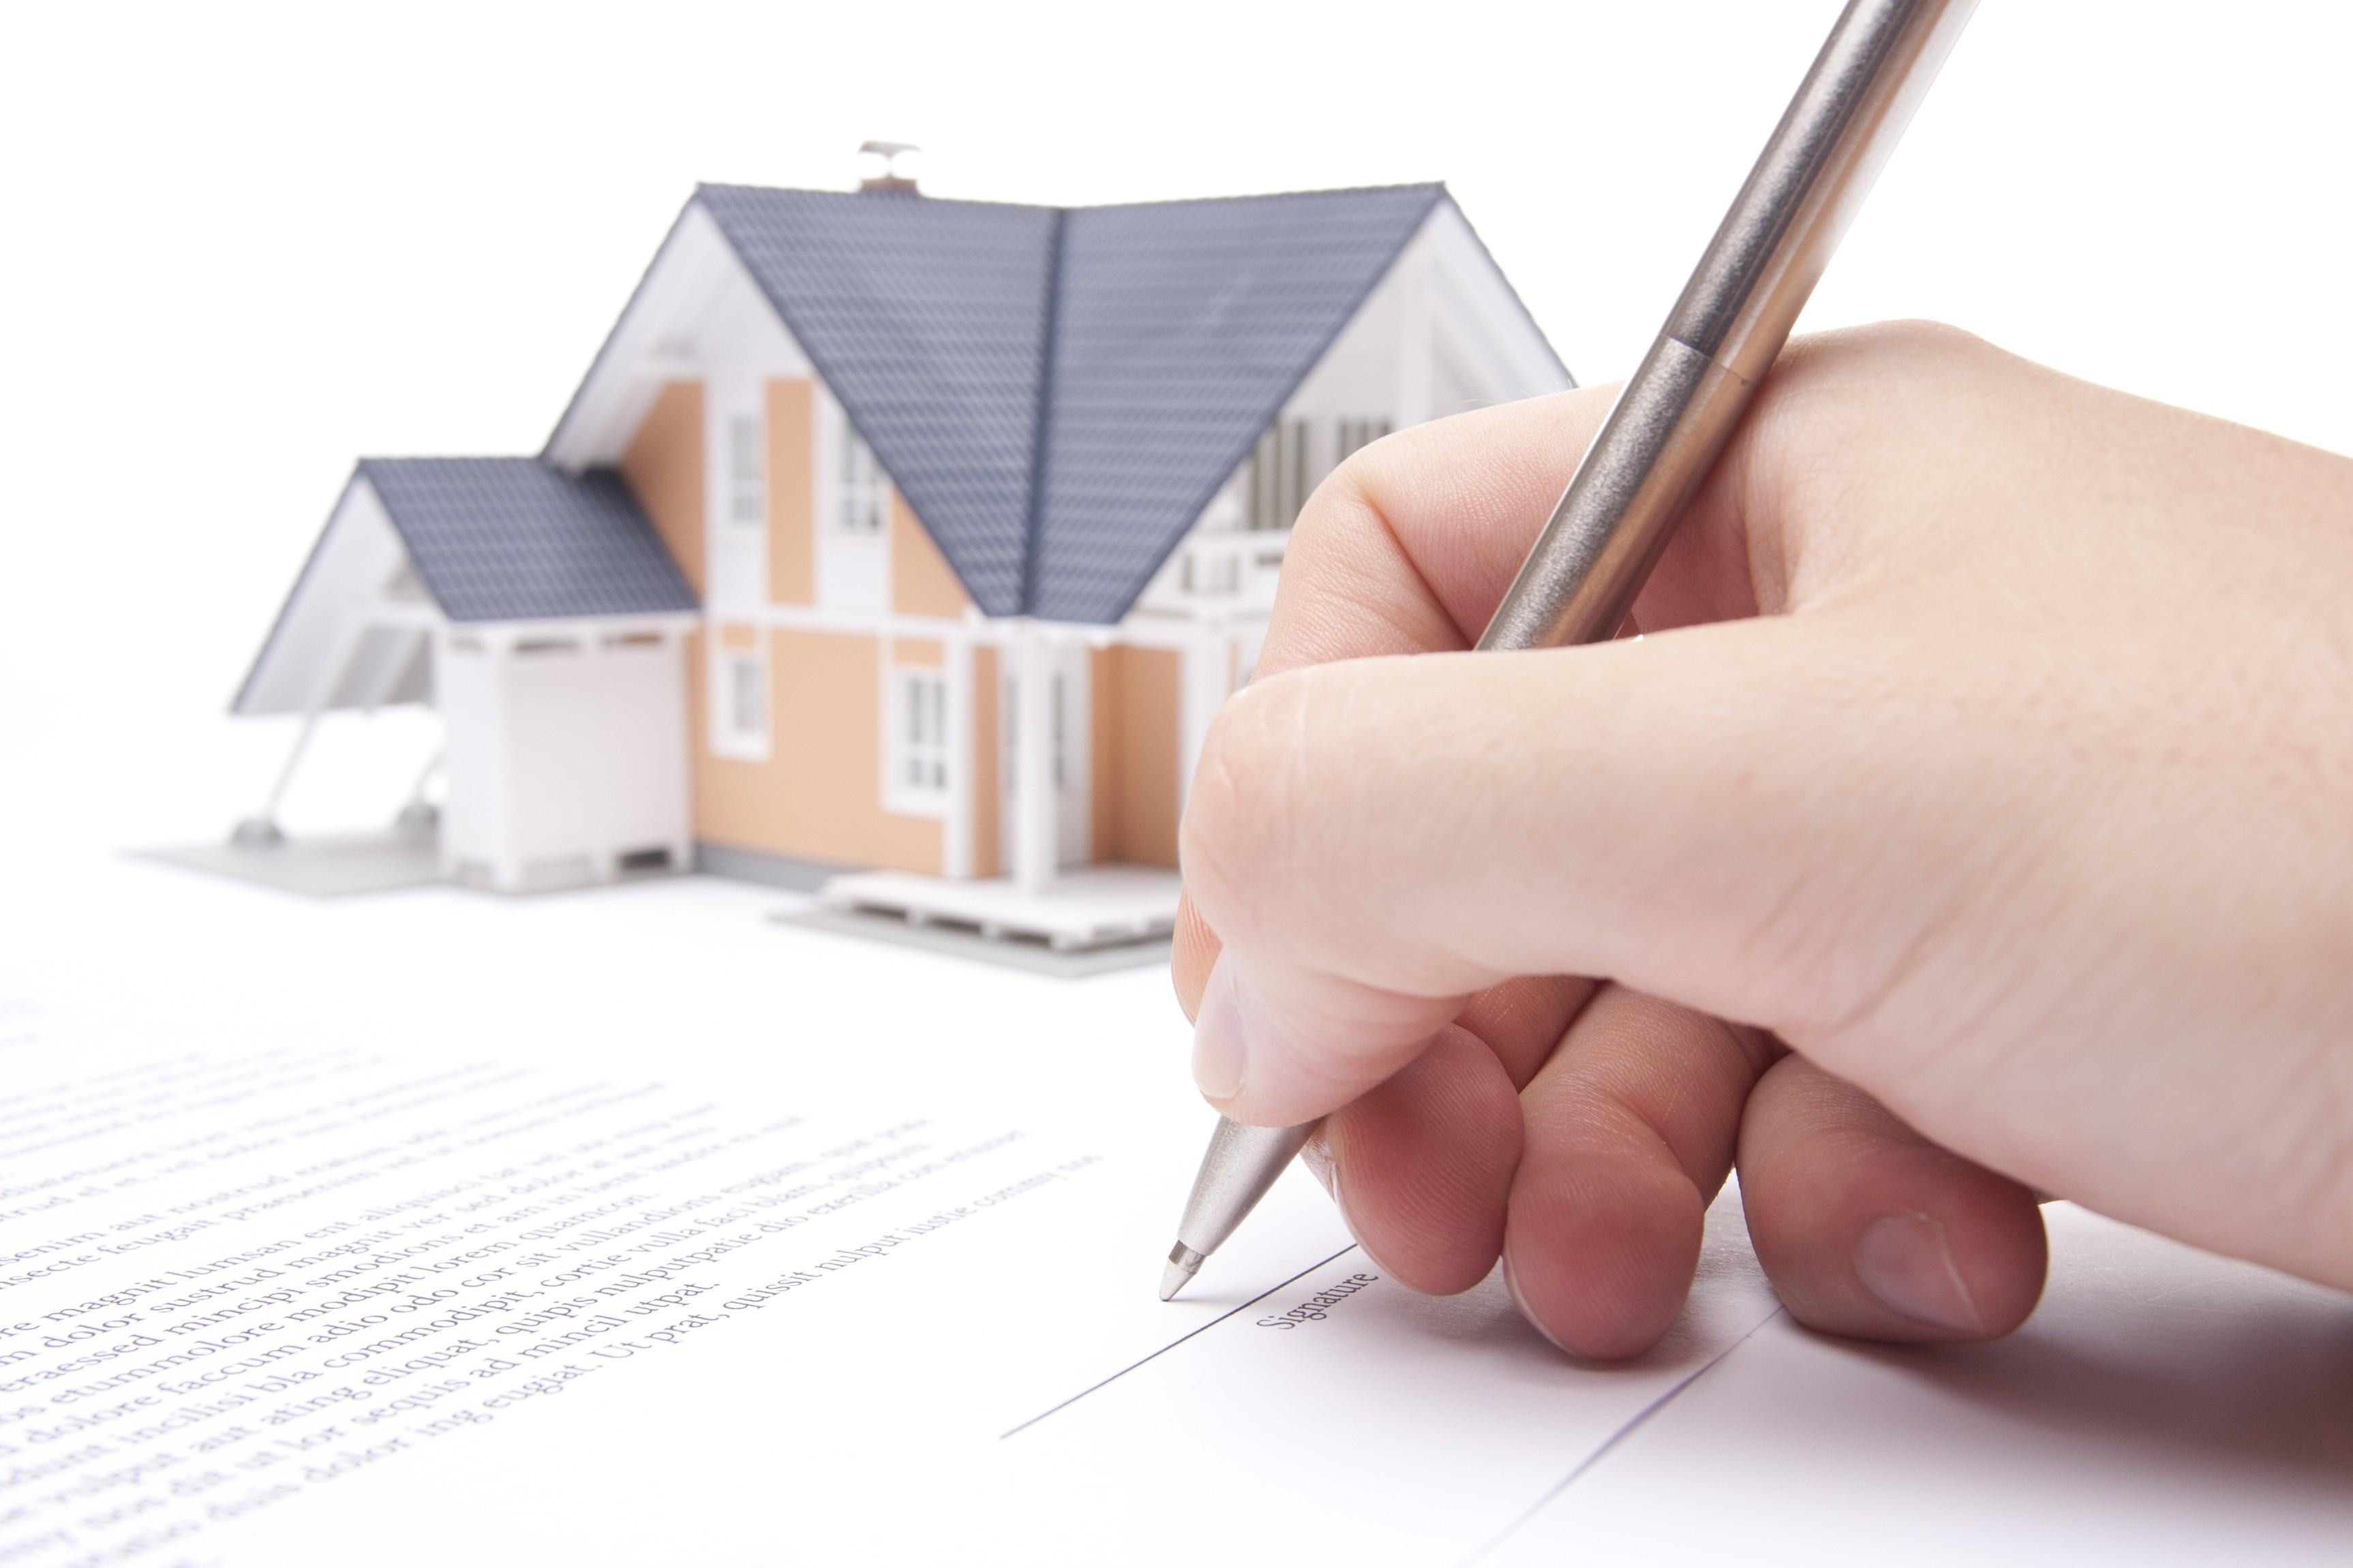 Statistiche compravendite, ruolo dell'agenzia immobiliare